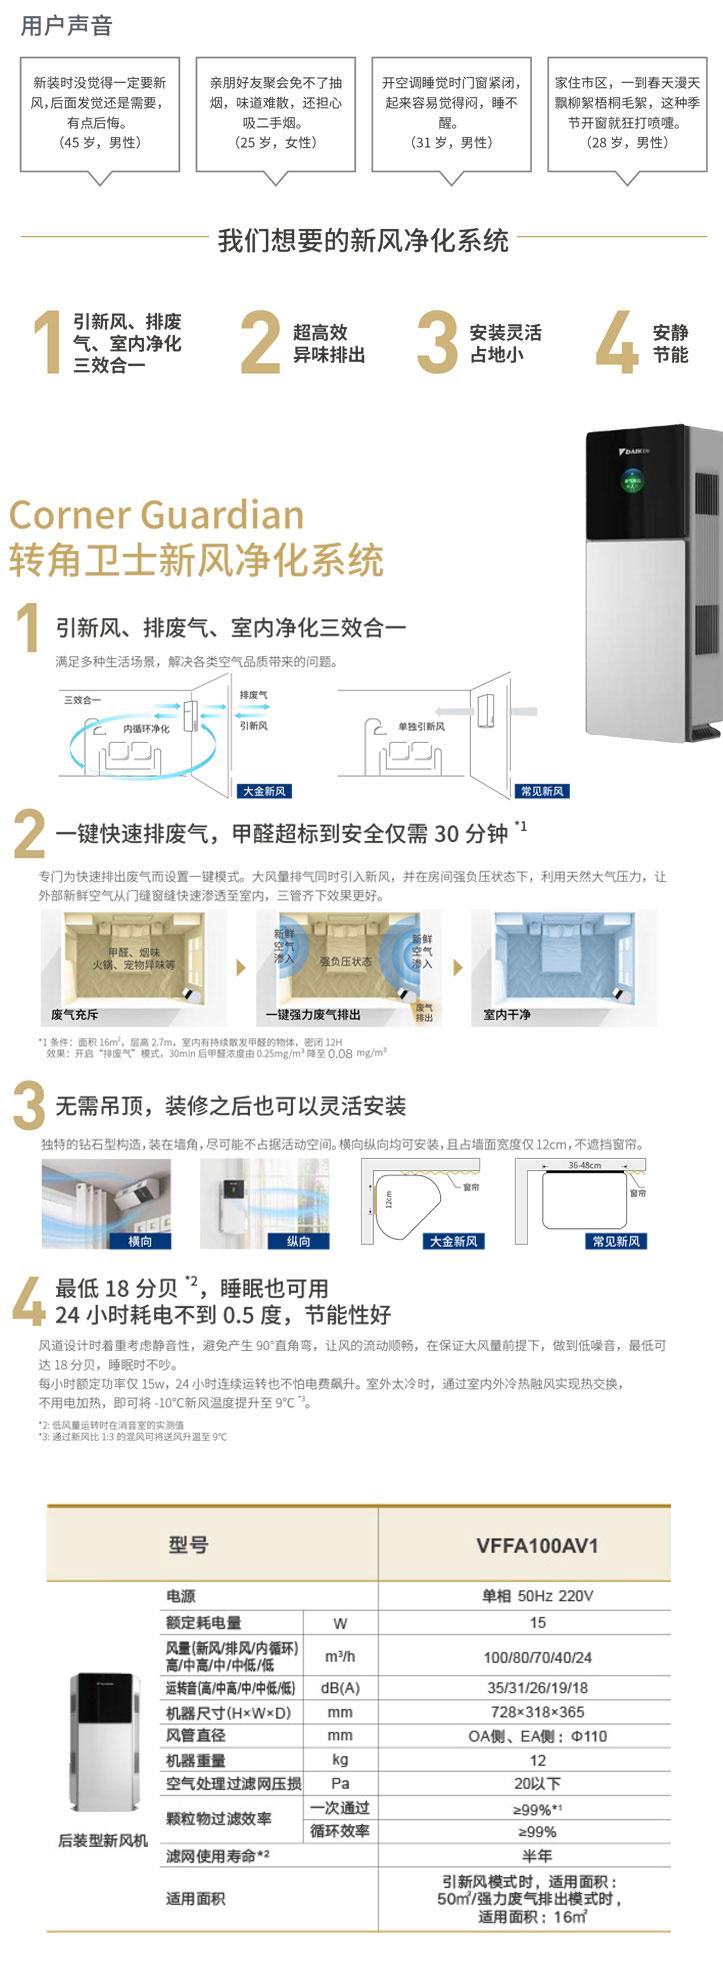 转角卫士新风净化系统系列描述图